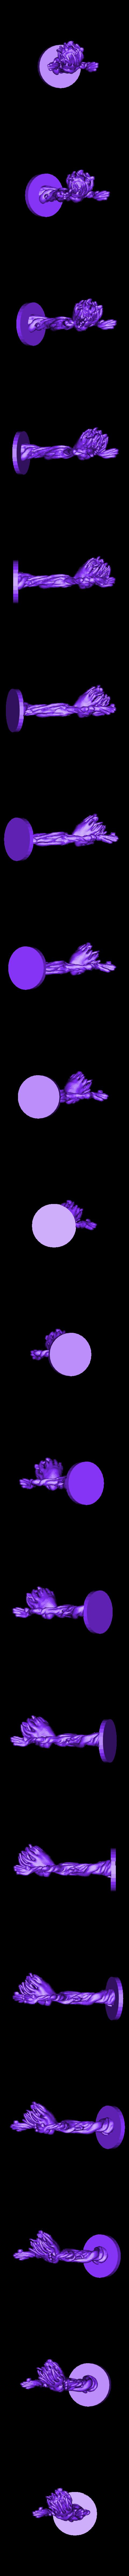 groot_figure_no_supports.stl Télécharger fichier STL gratuit Groot dansant • Design pour impression 3D, Tarnliare